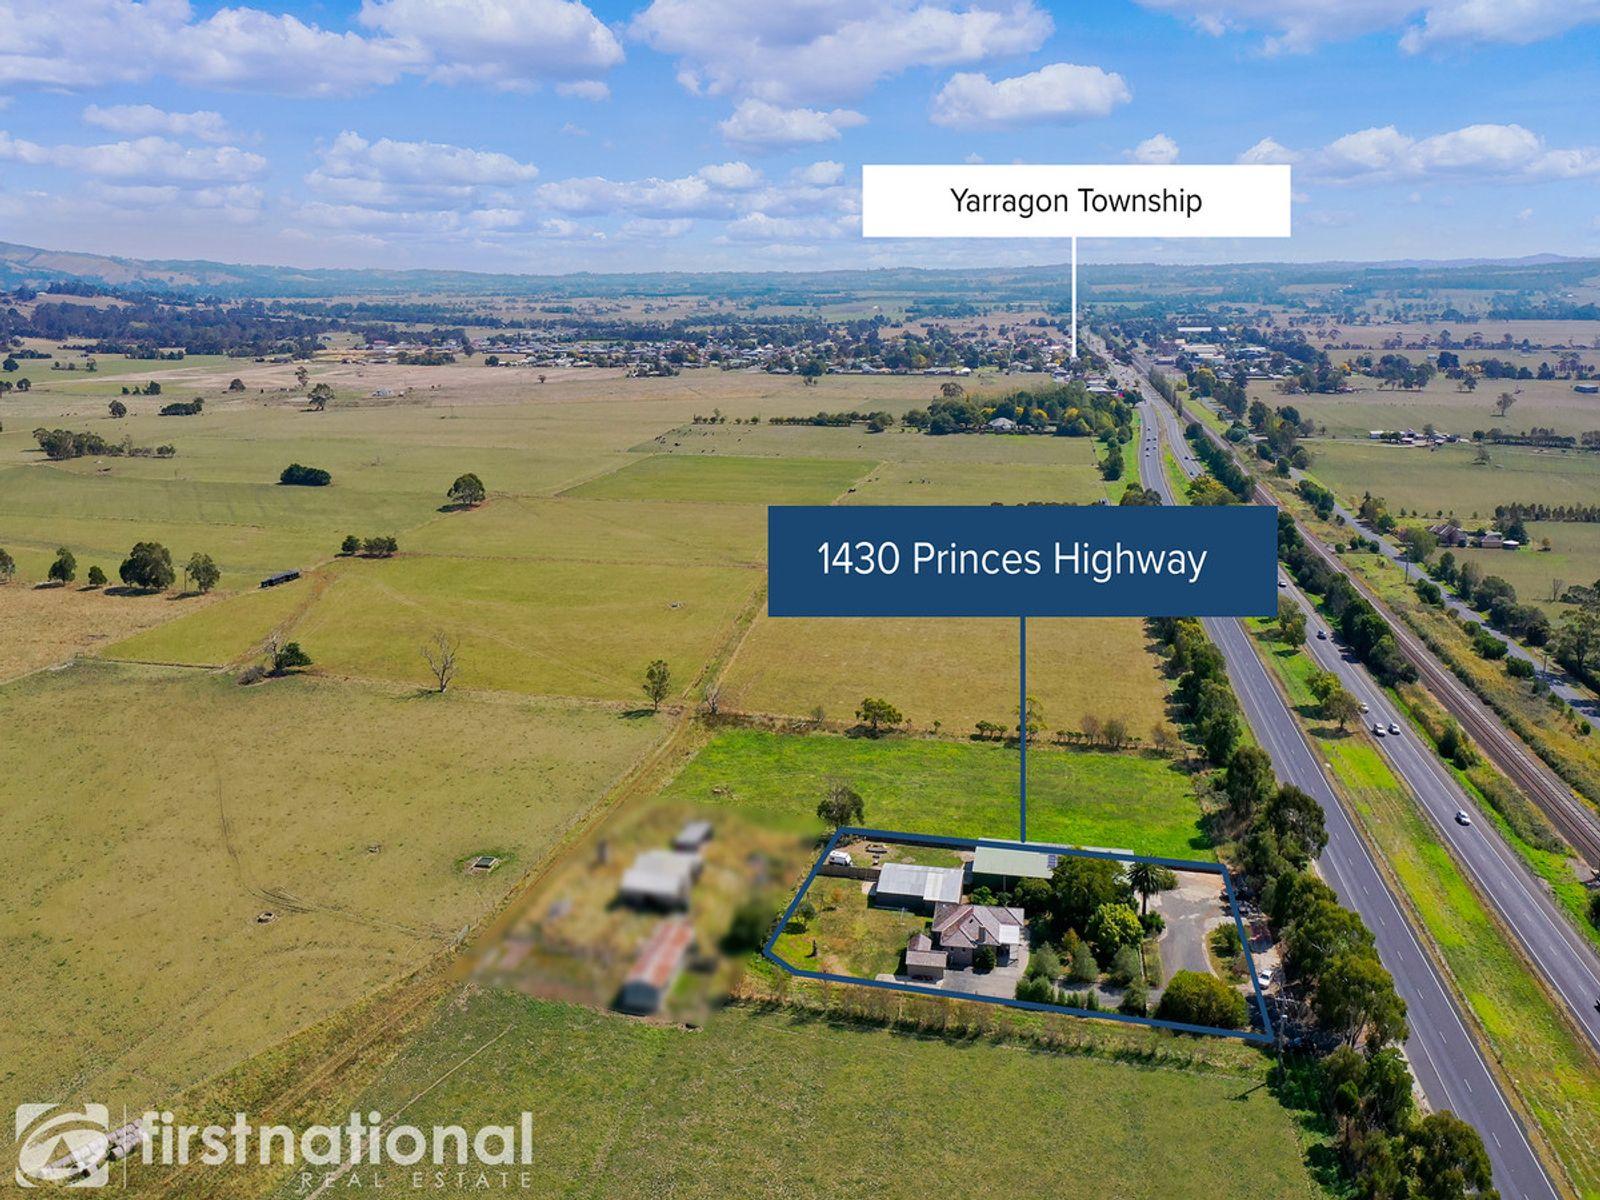 1430 Princes Highway, Yarragon, VIC 3823